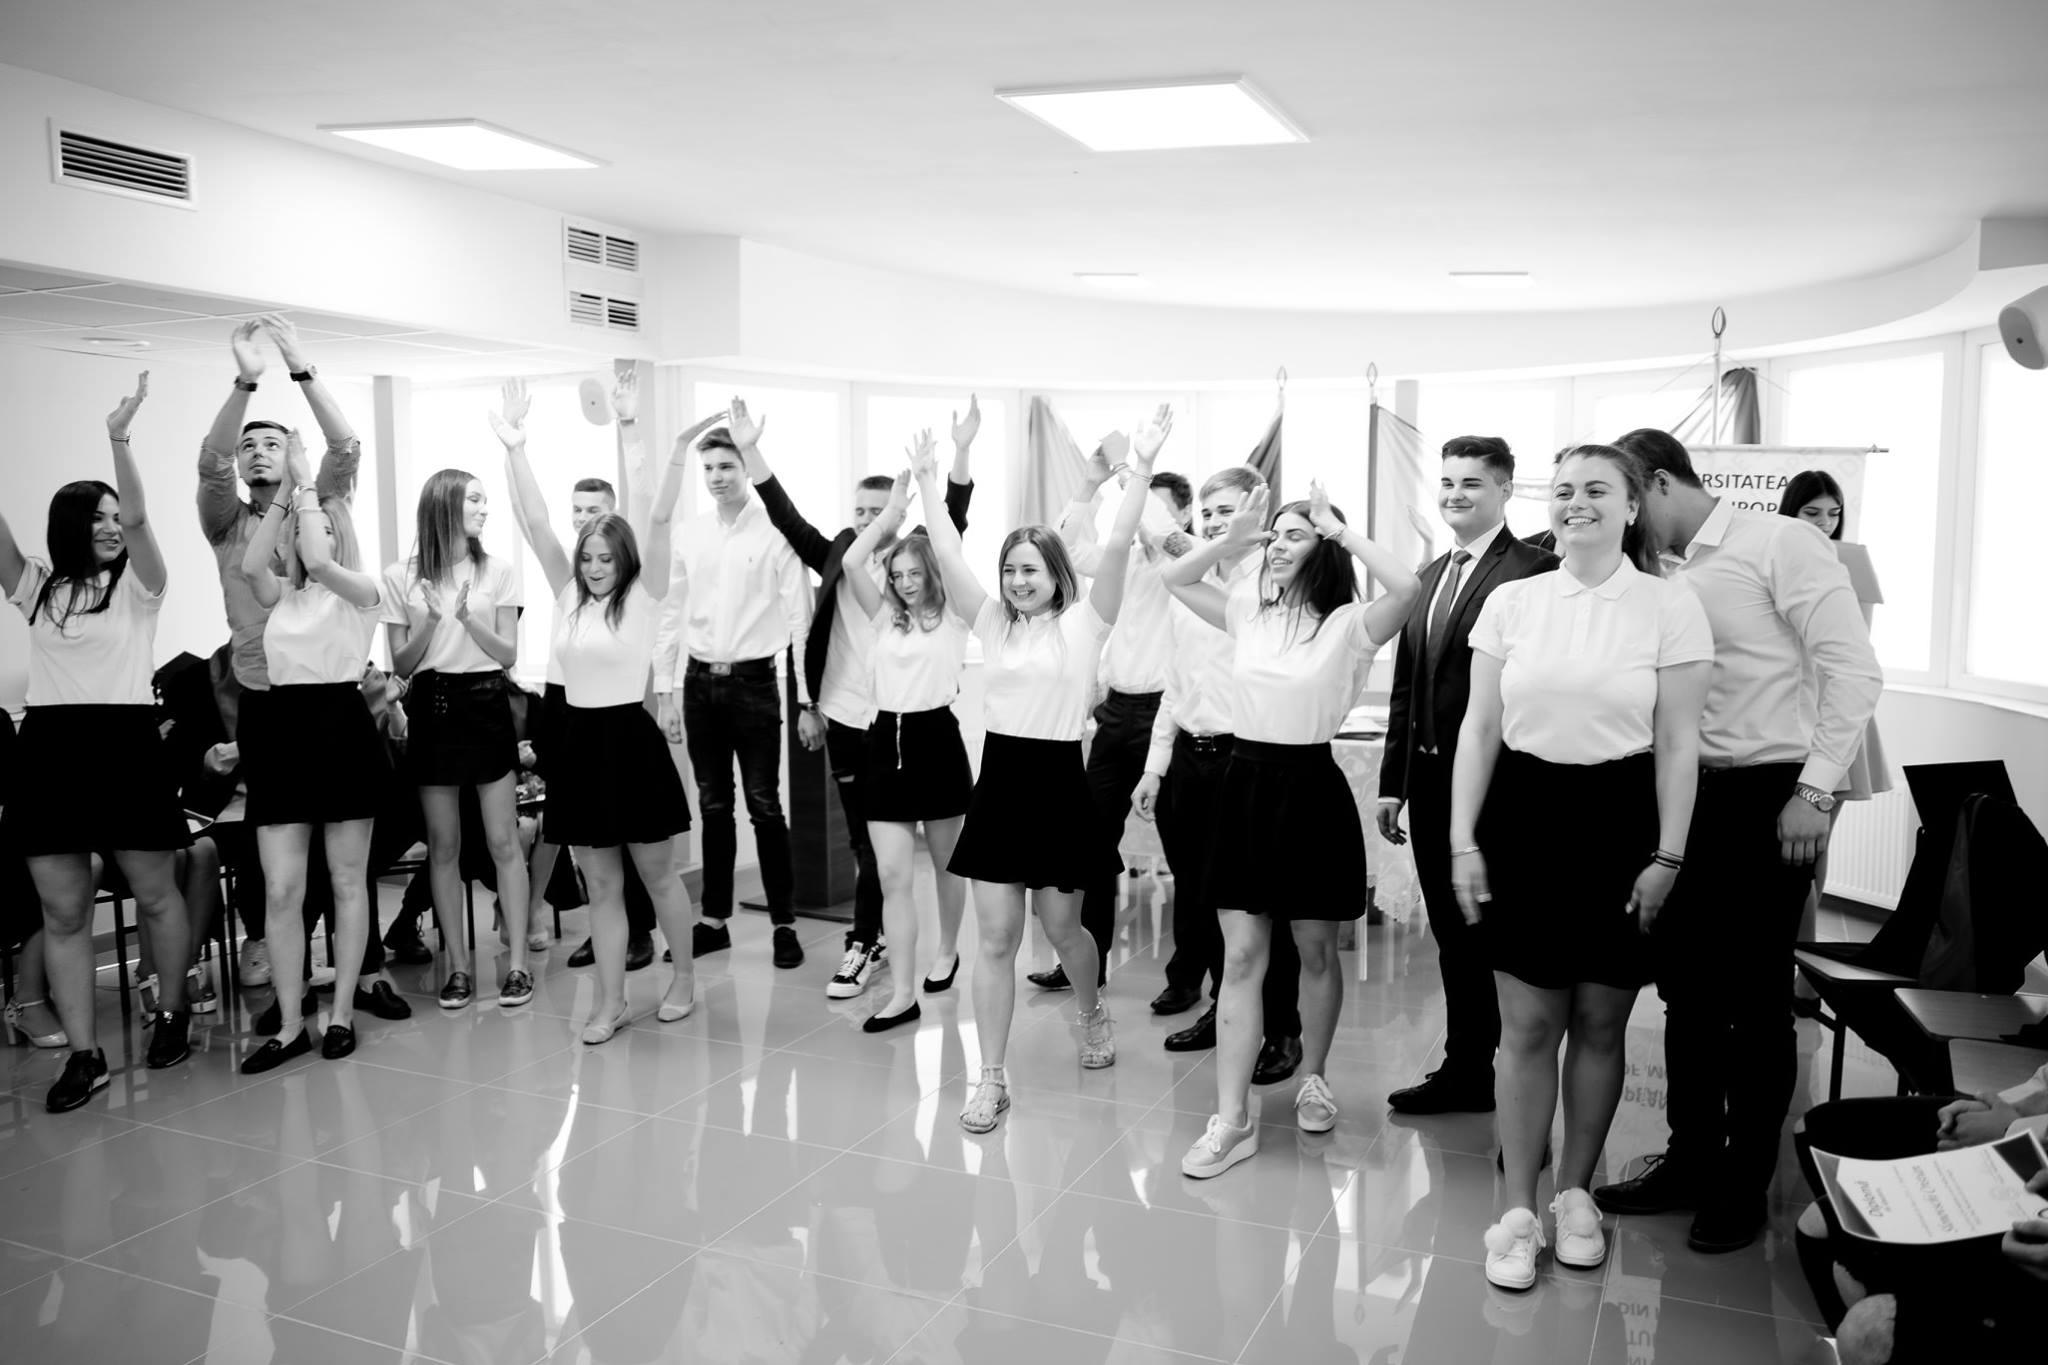 Ce licee private există în Chișinău și care sunt taxele pentru un an de  studii - Dumitru Ciorici